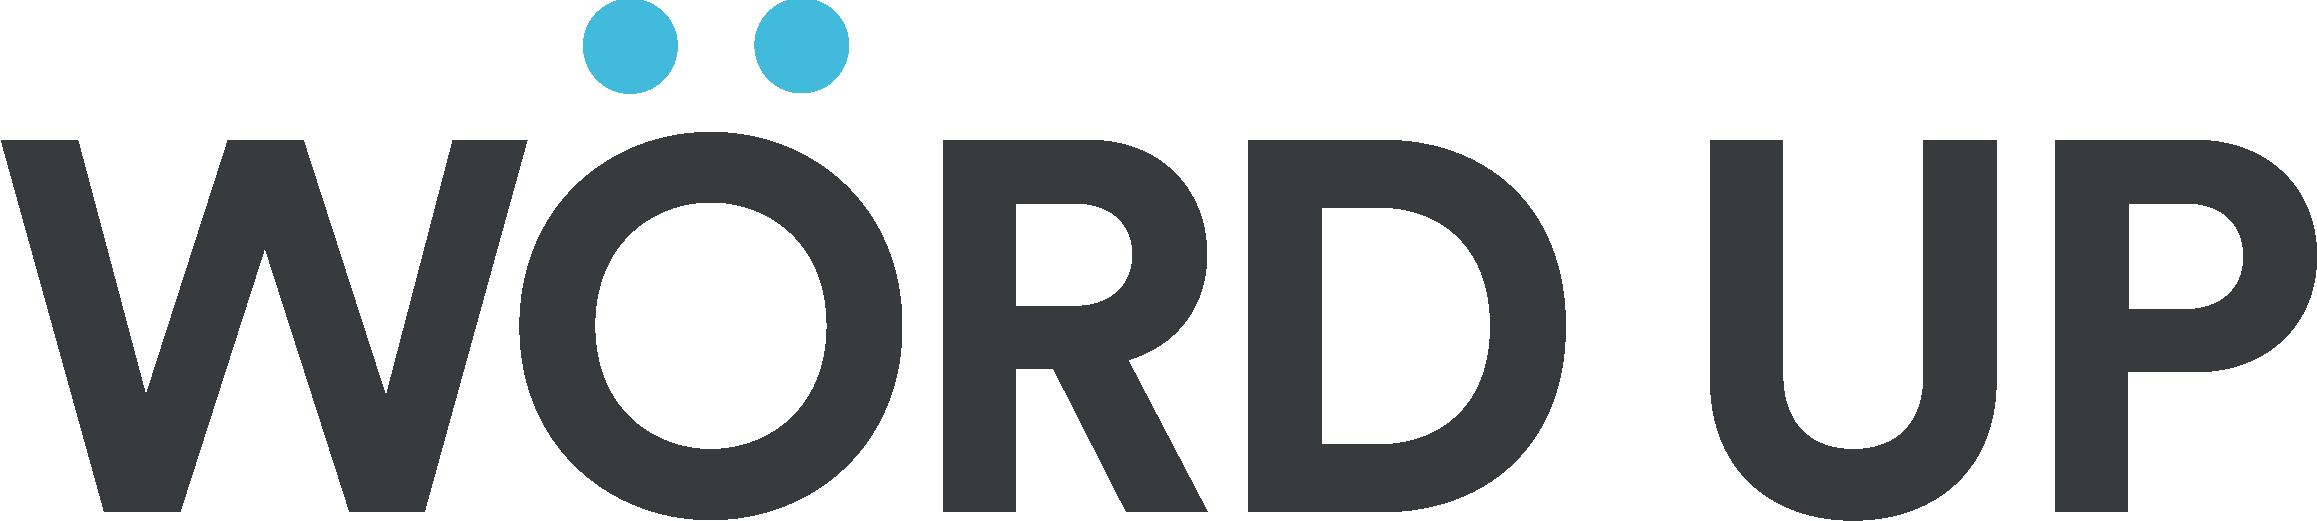 wordup-logo